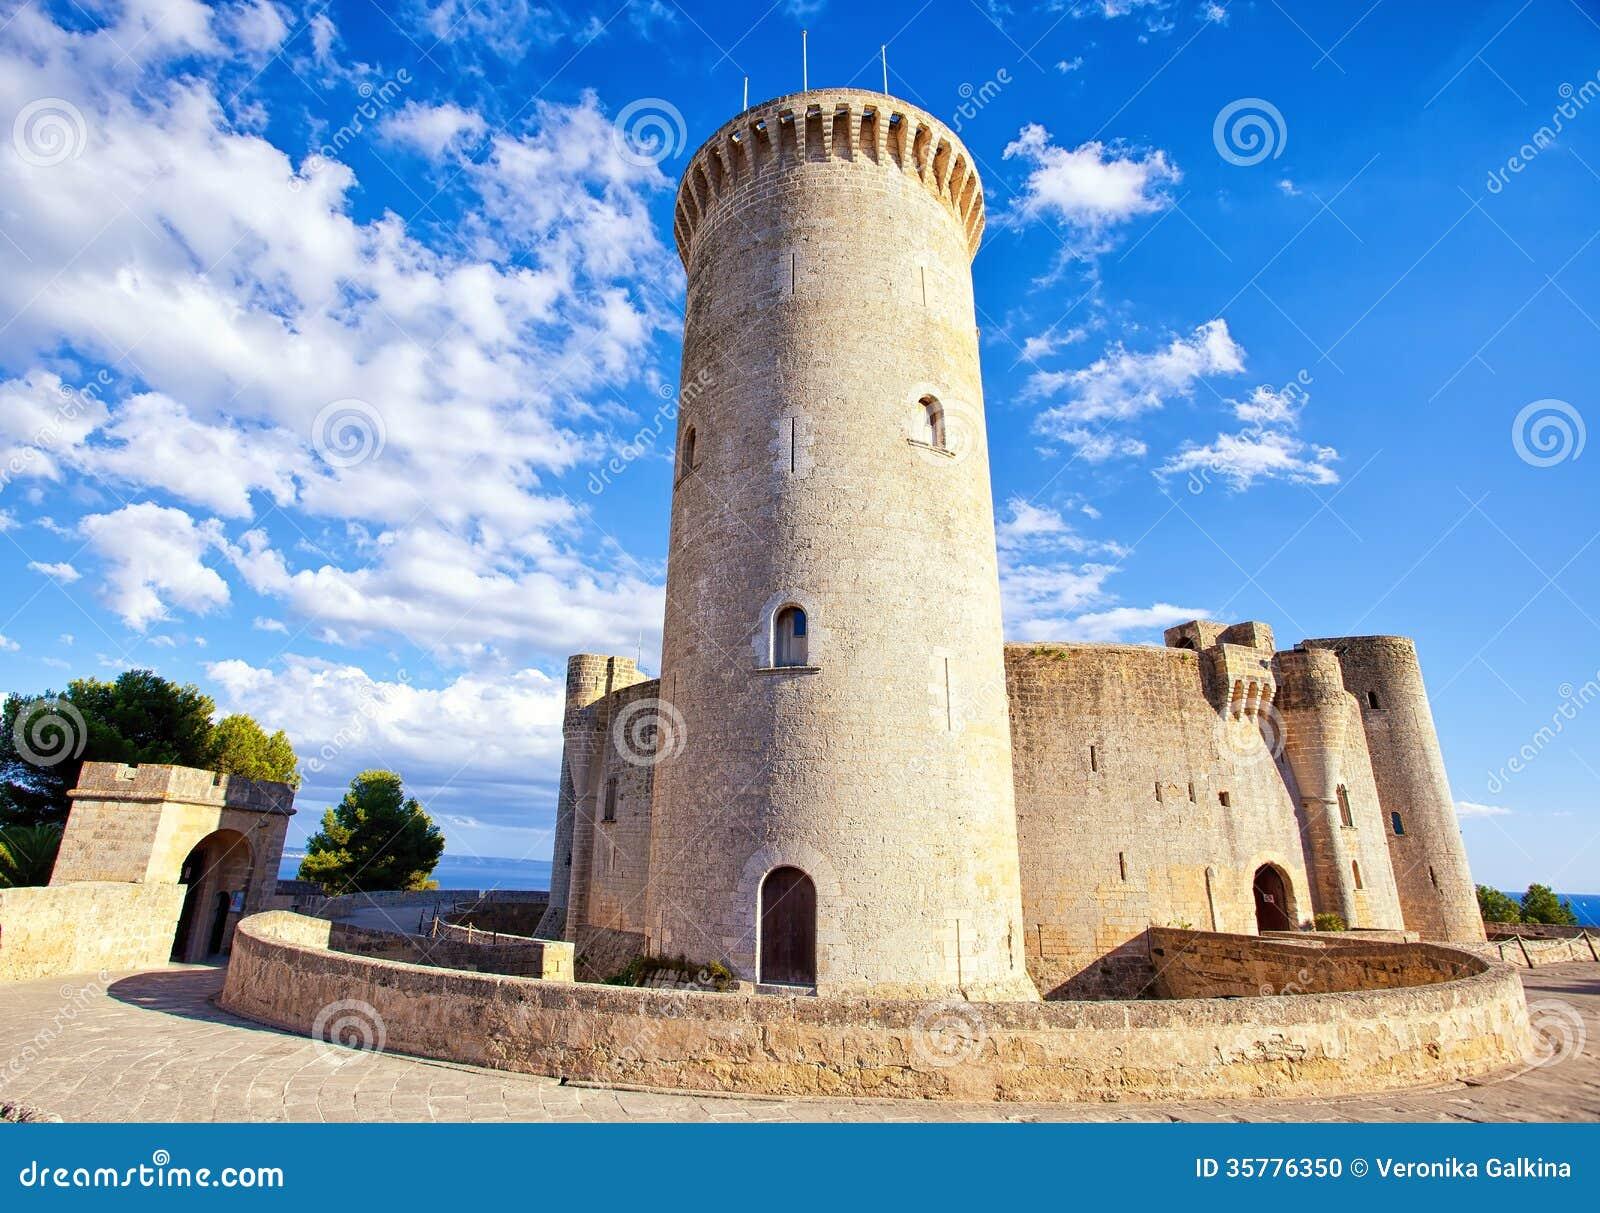 Castello medievale Bellver in Palma de Mallorca